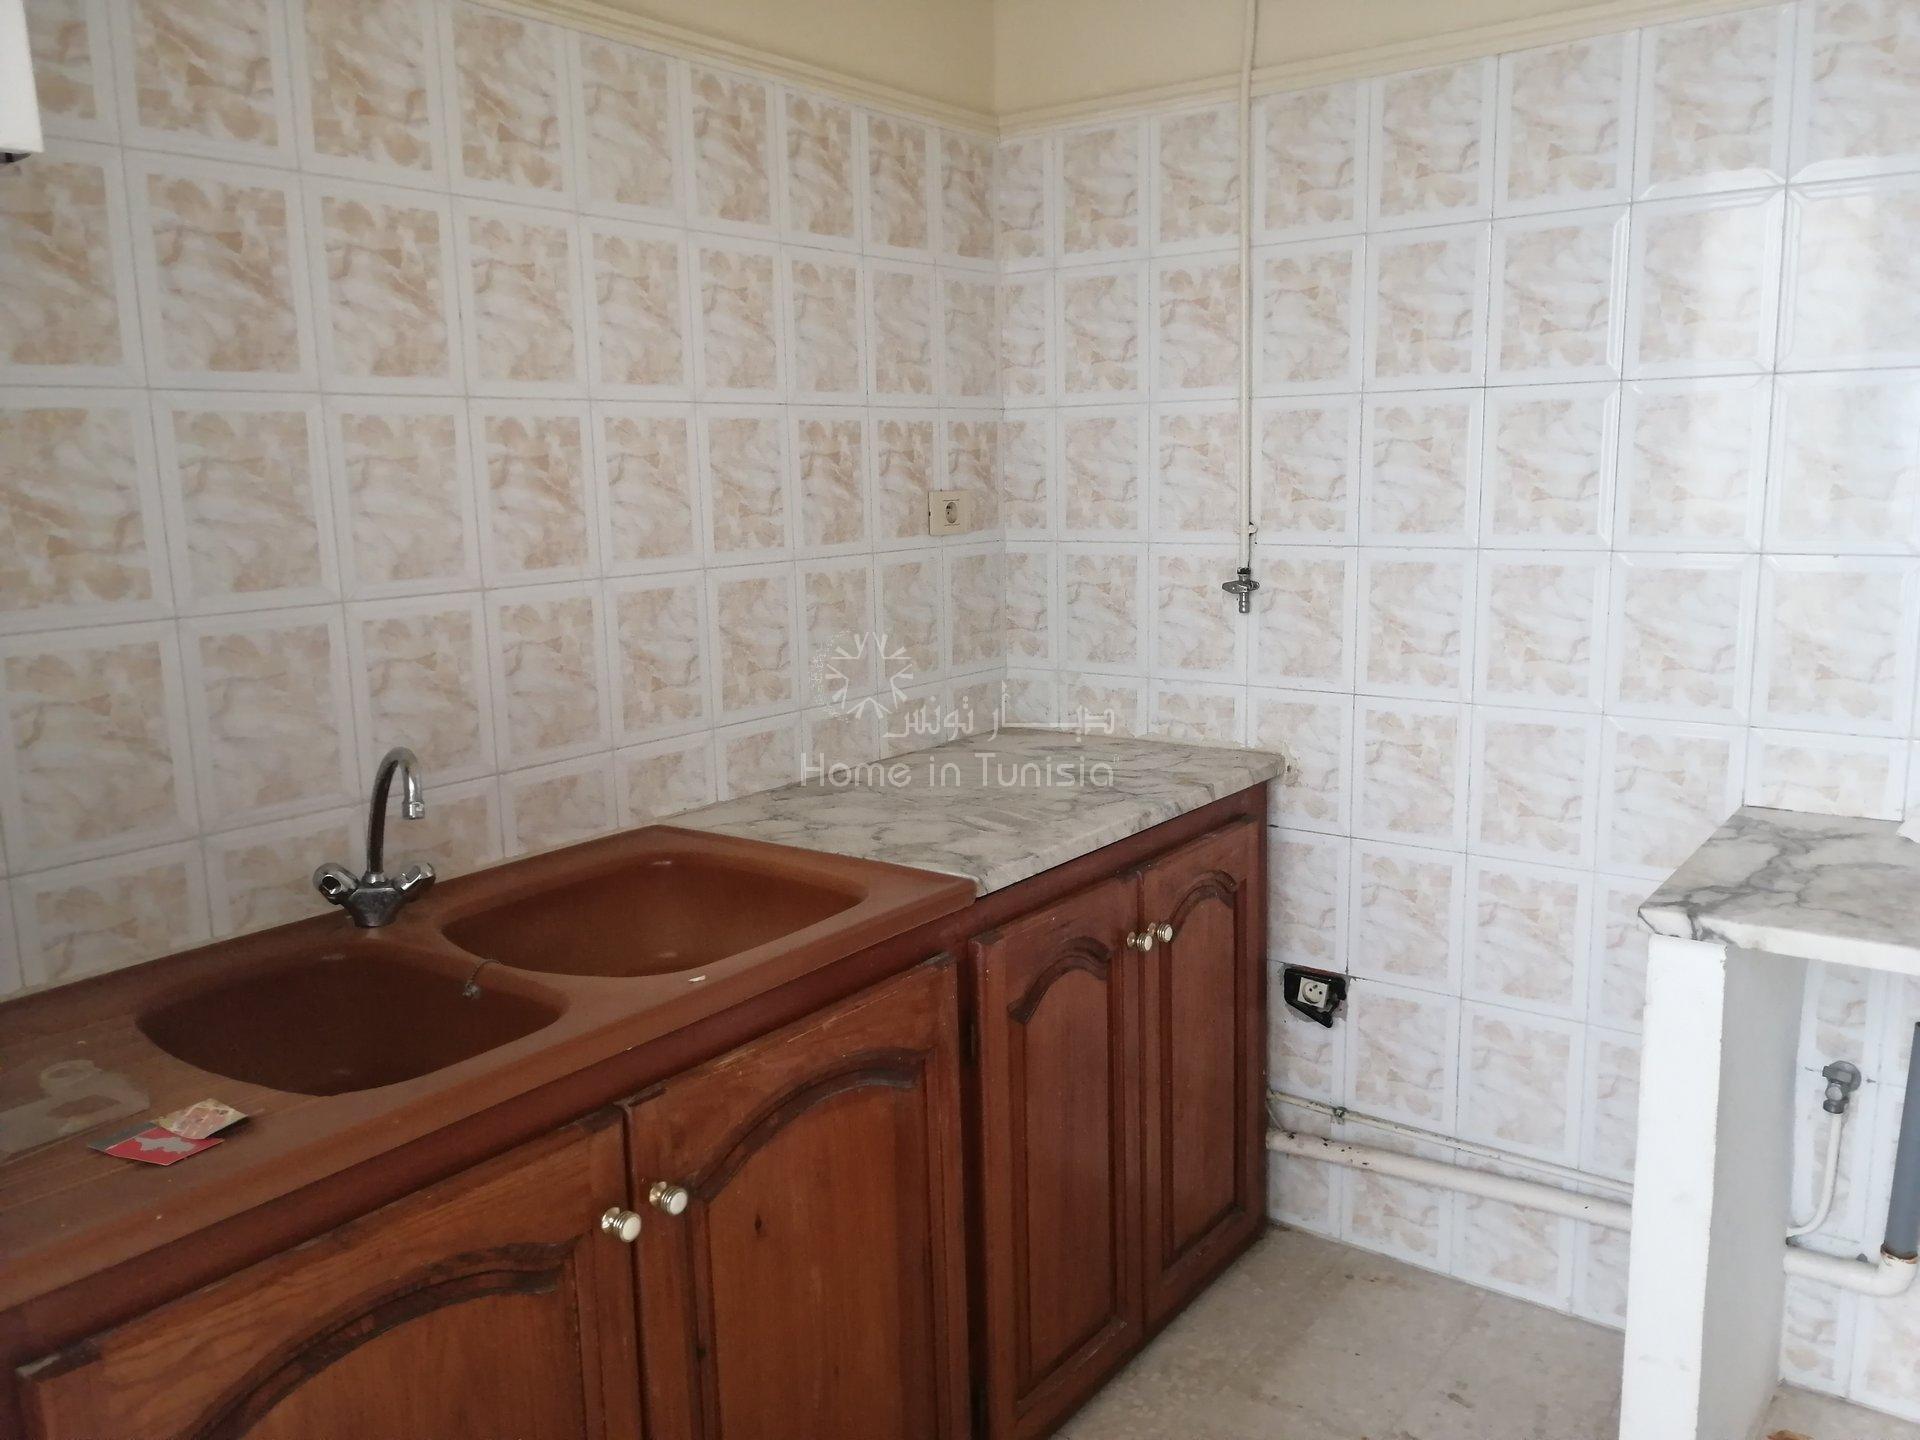 Appartement S+2 à vendre à Hammam Sousse